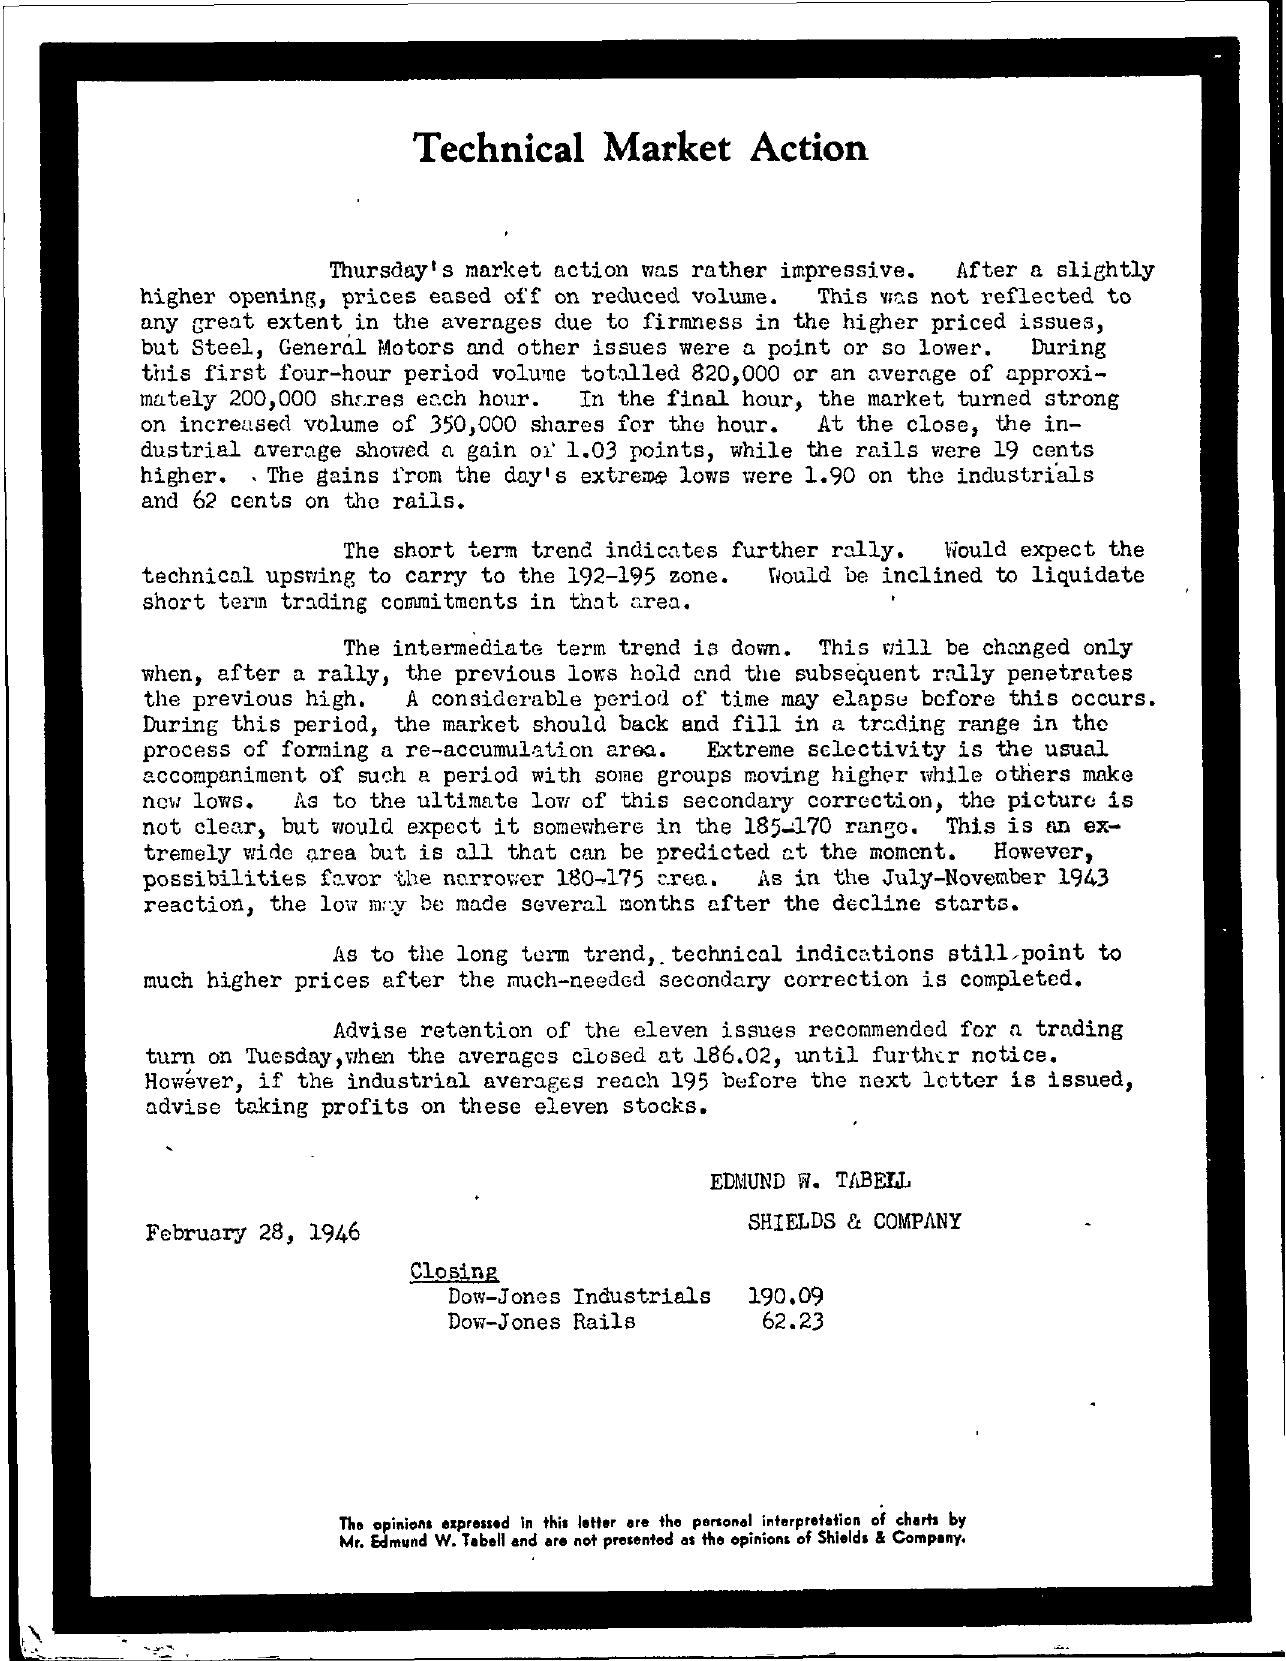 Tabell's Market Letter - February 28, 1946